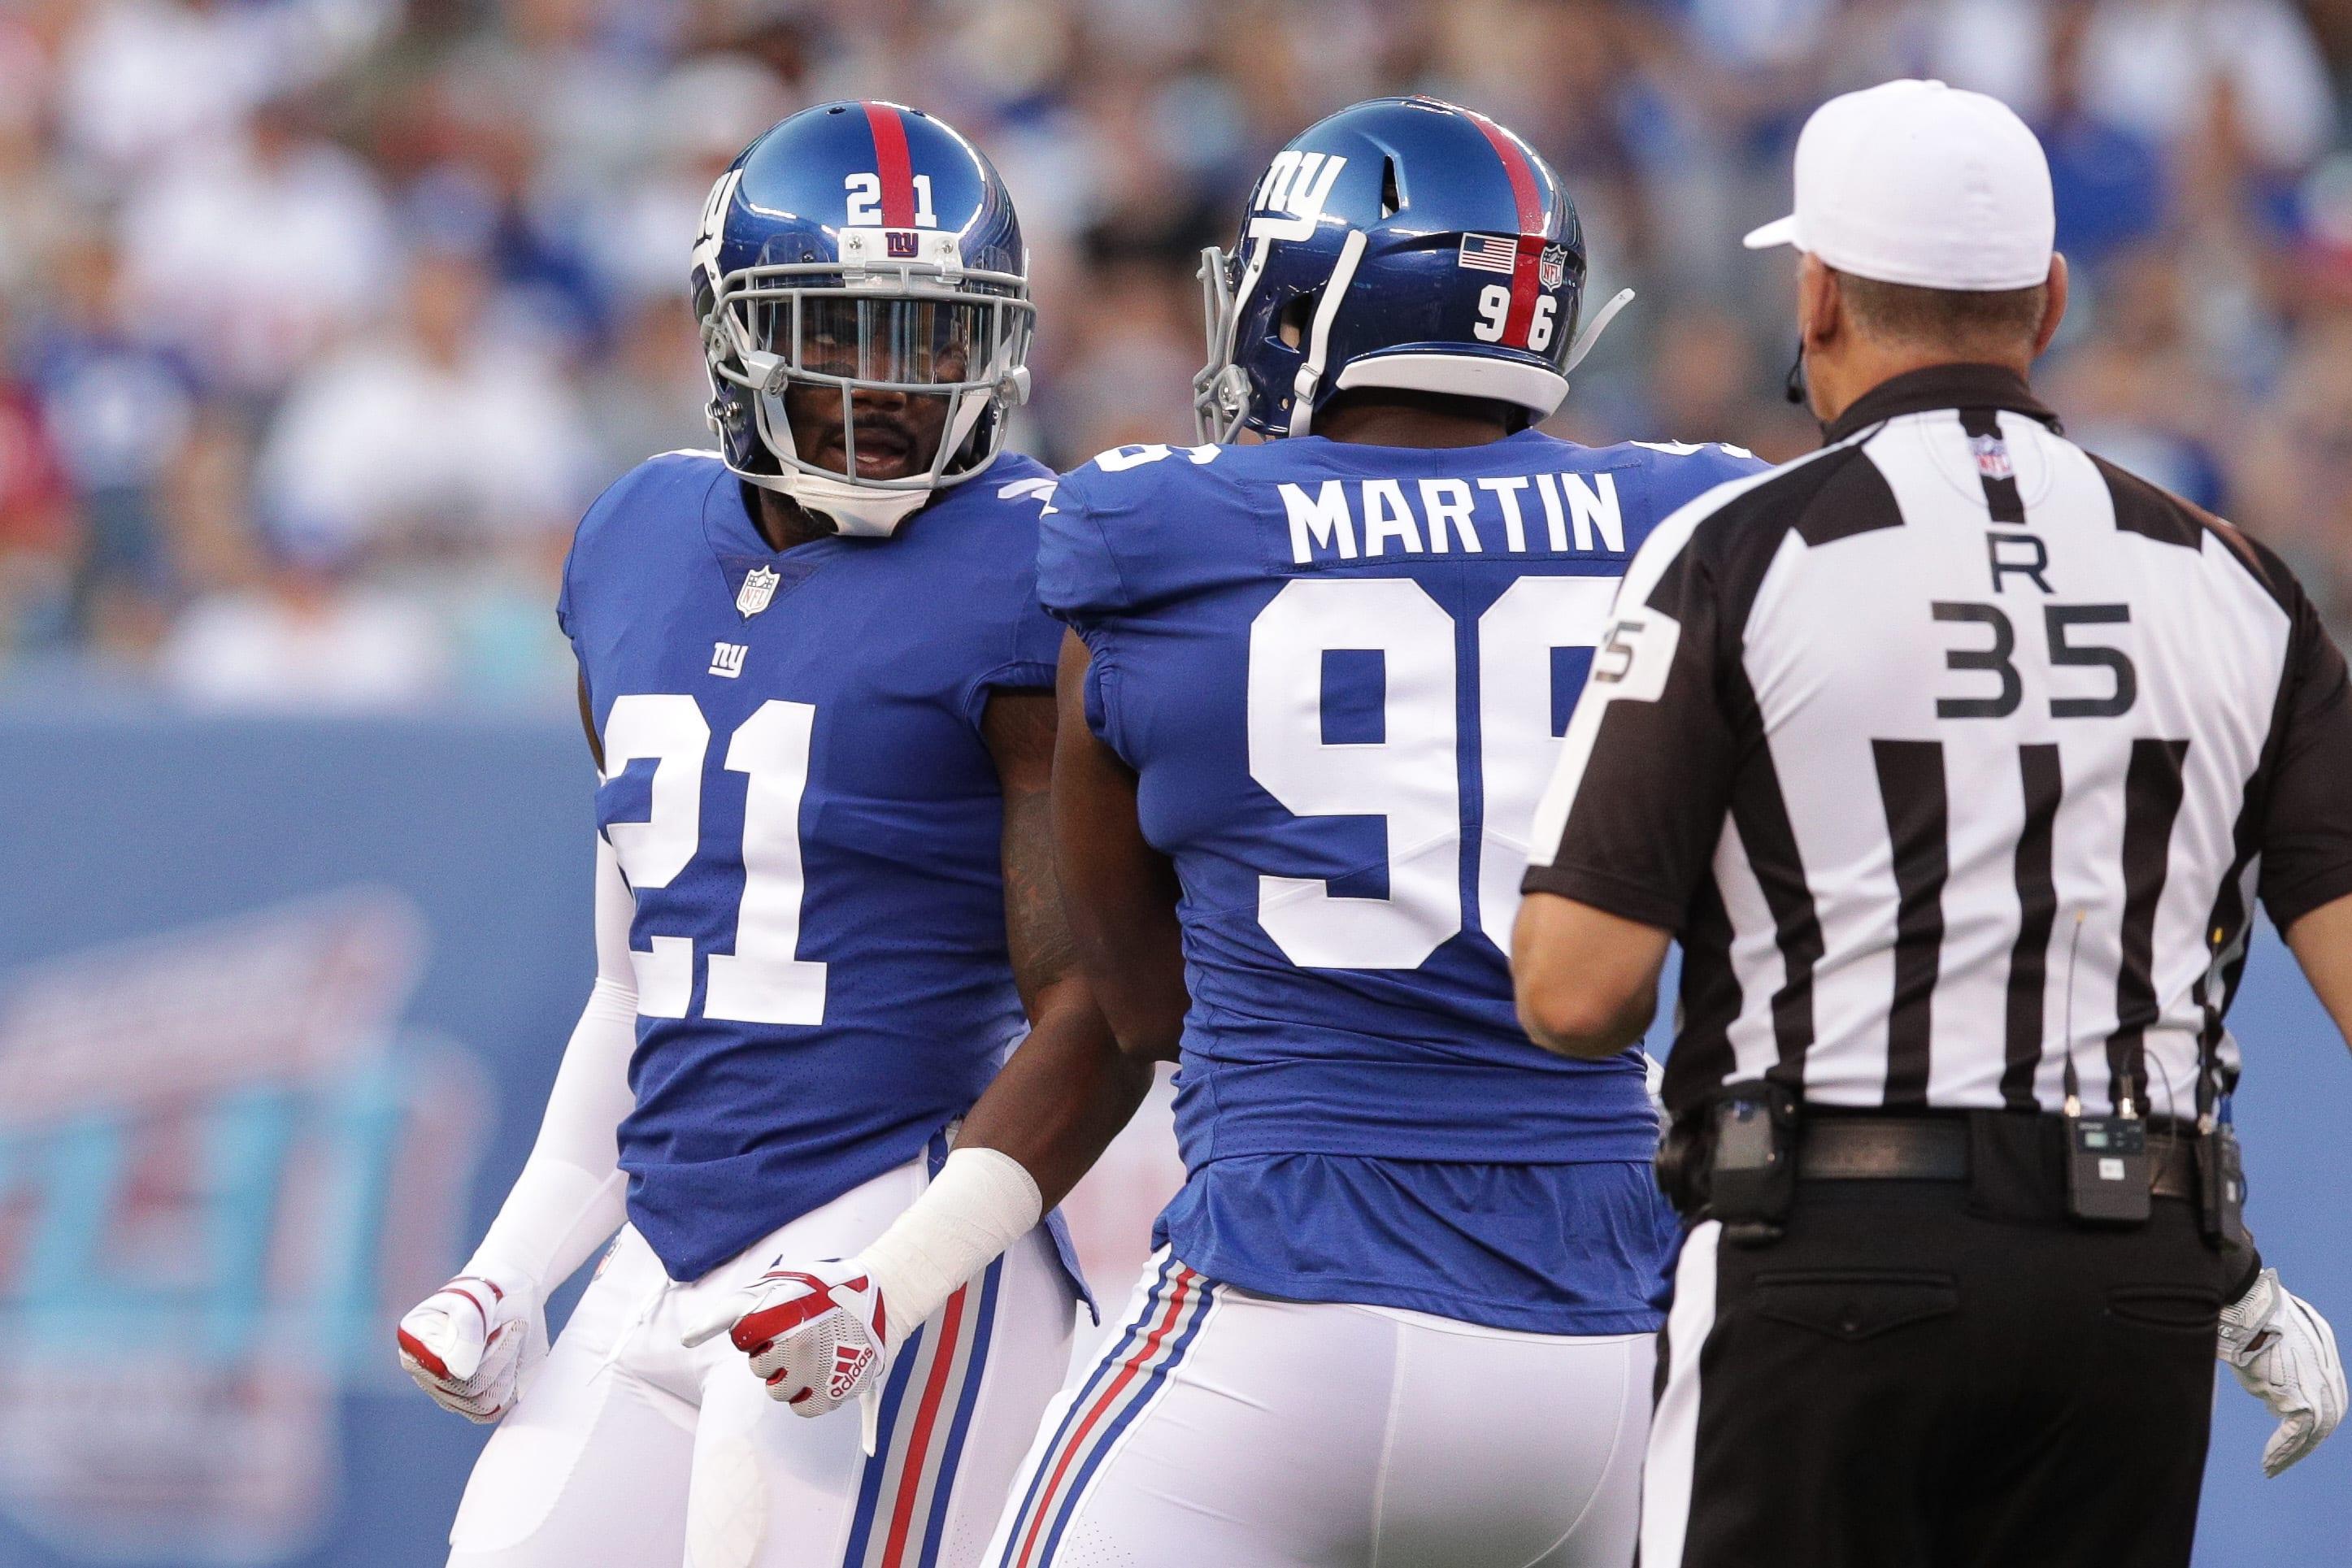 New York Giants, Kareem Martin